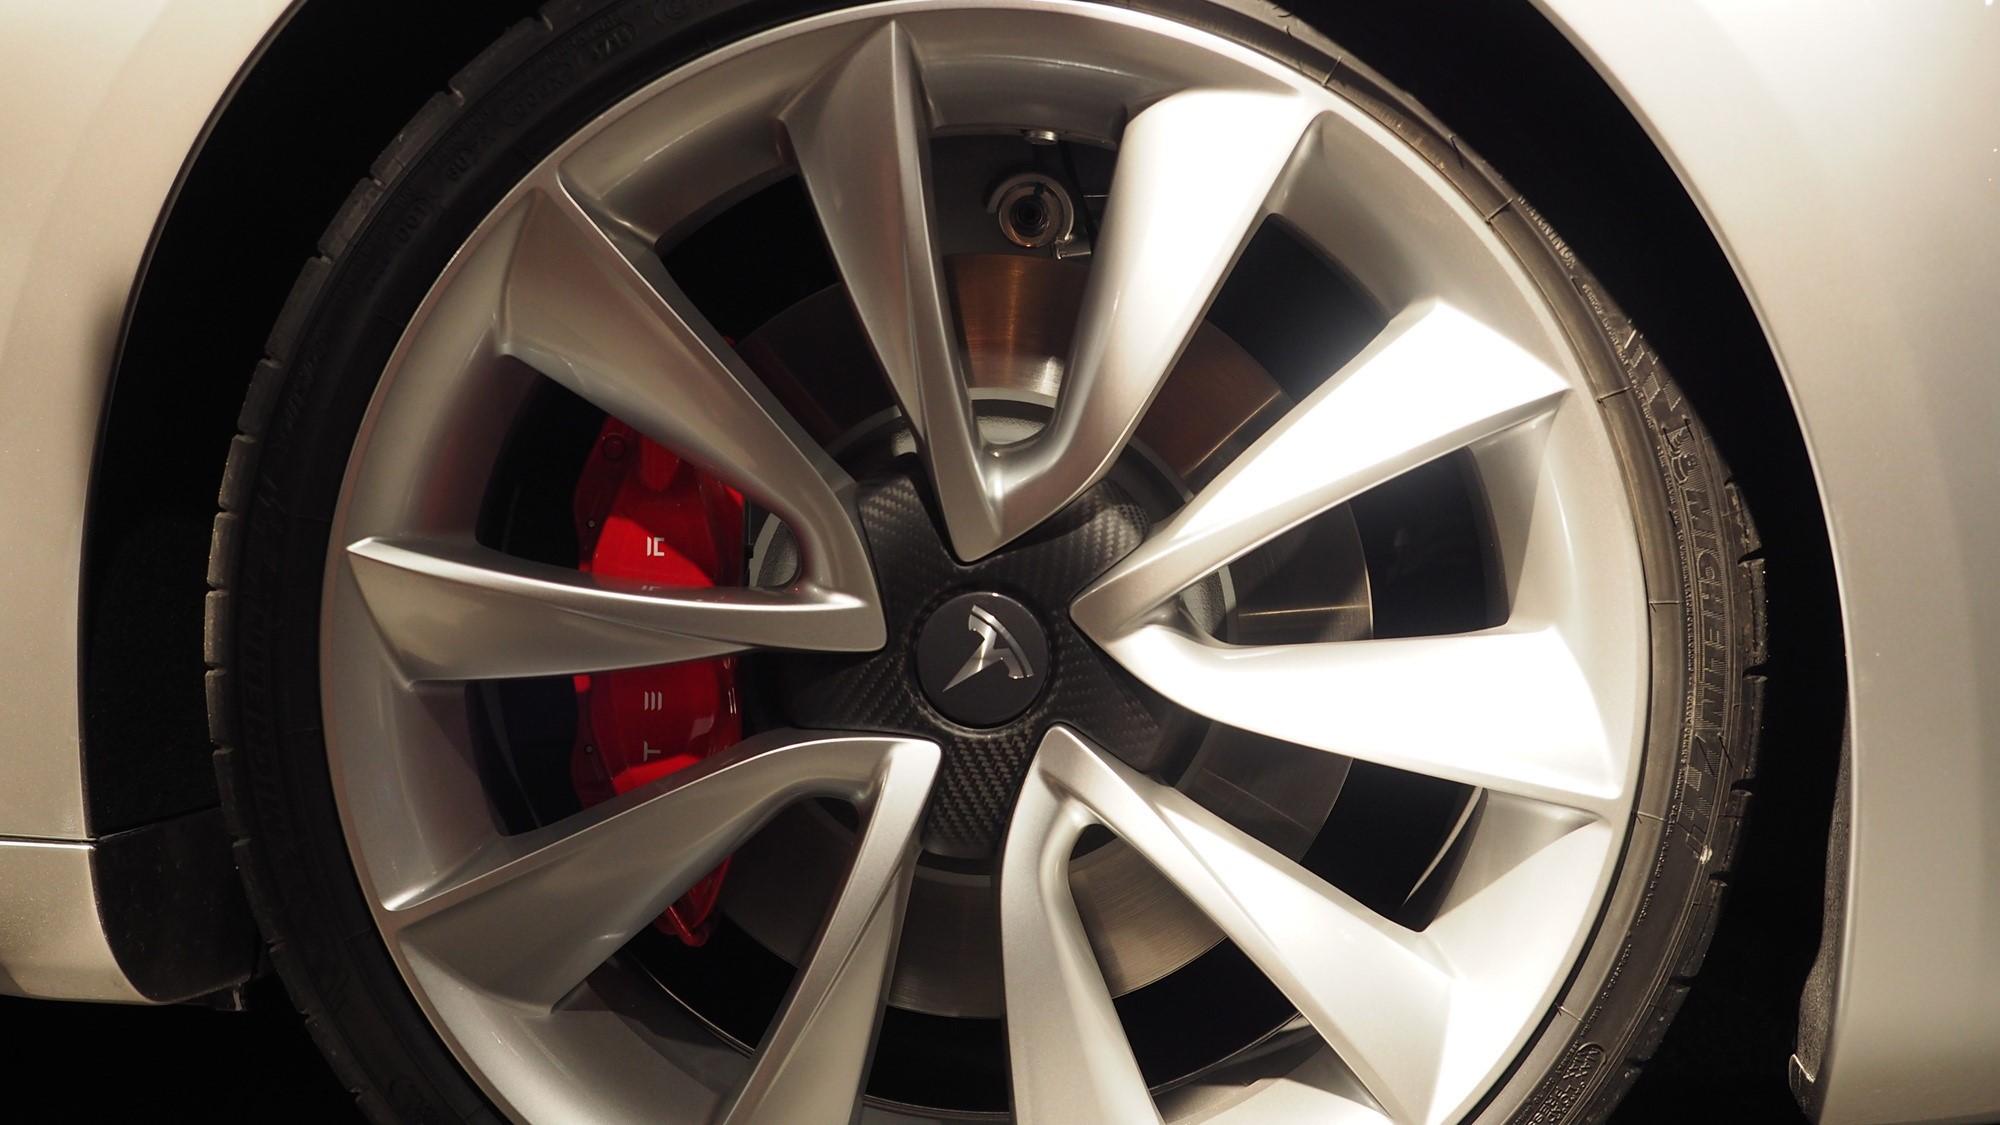 Tesla Model 3 Background images